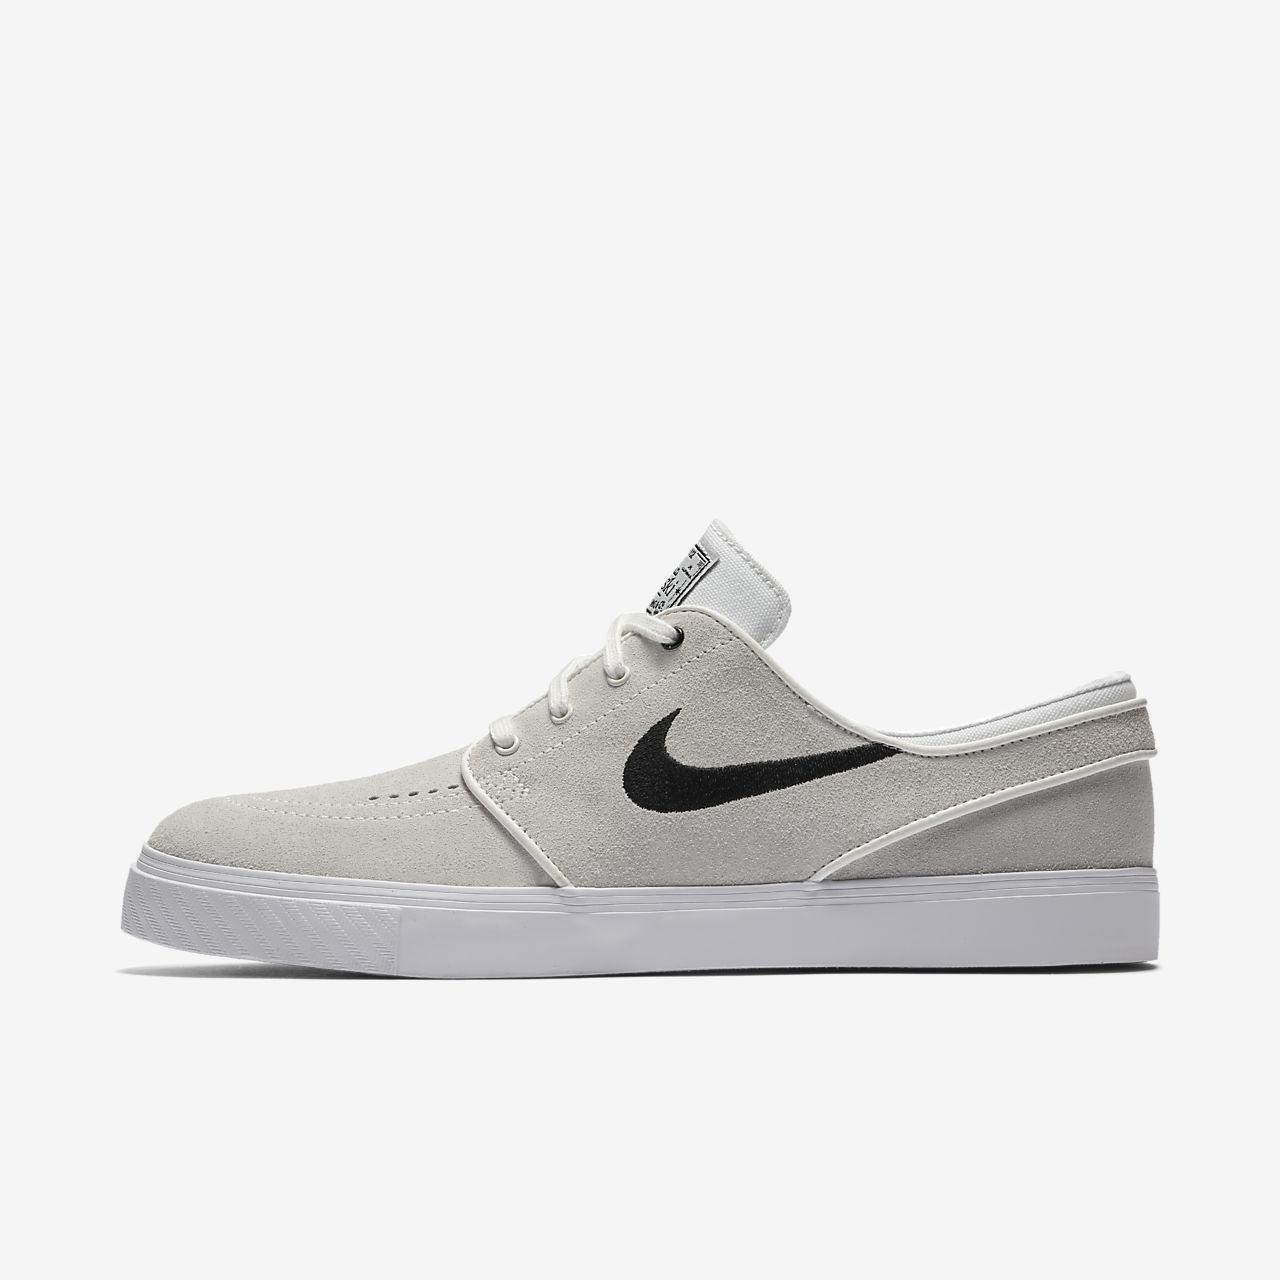 Nike Zoom Stefan Janoski 333824 Herren Skateboardschuhe